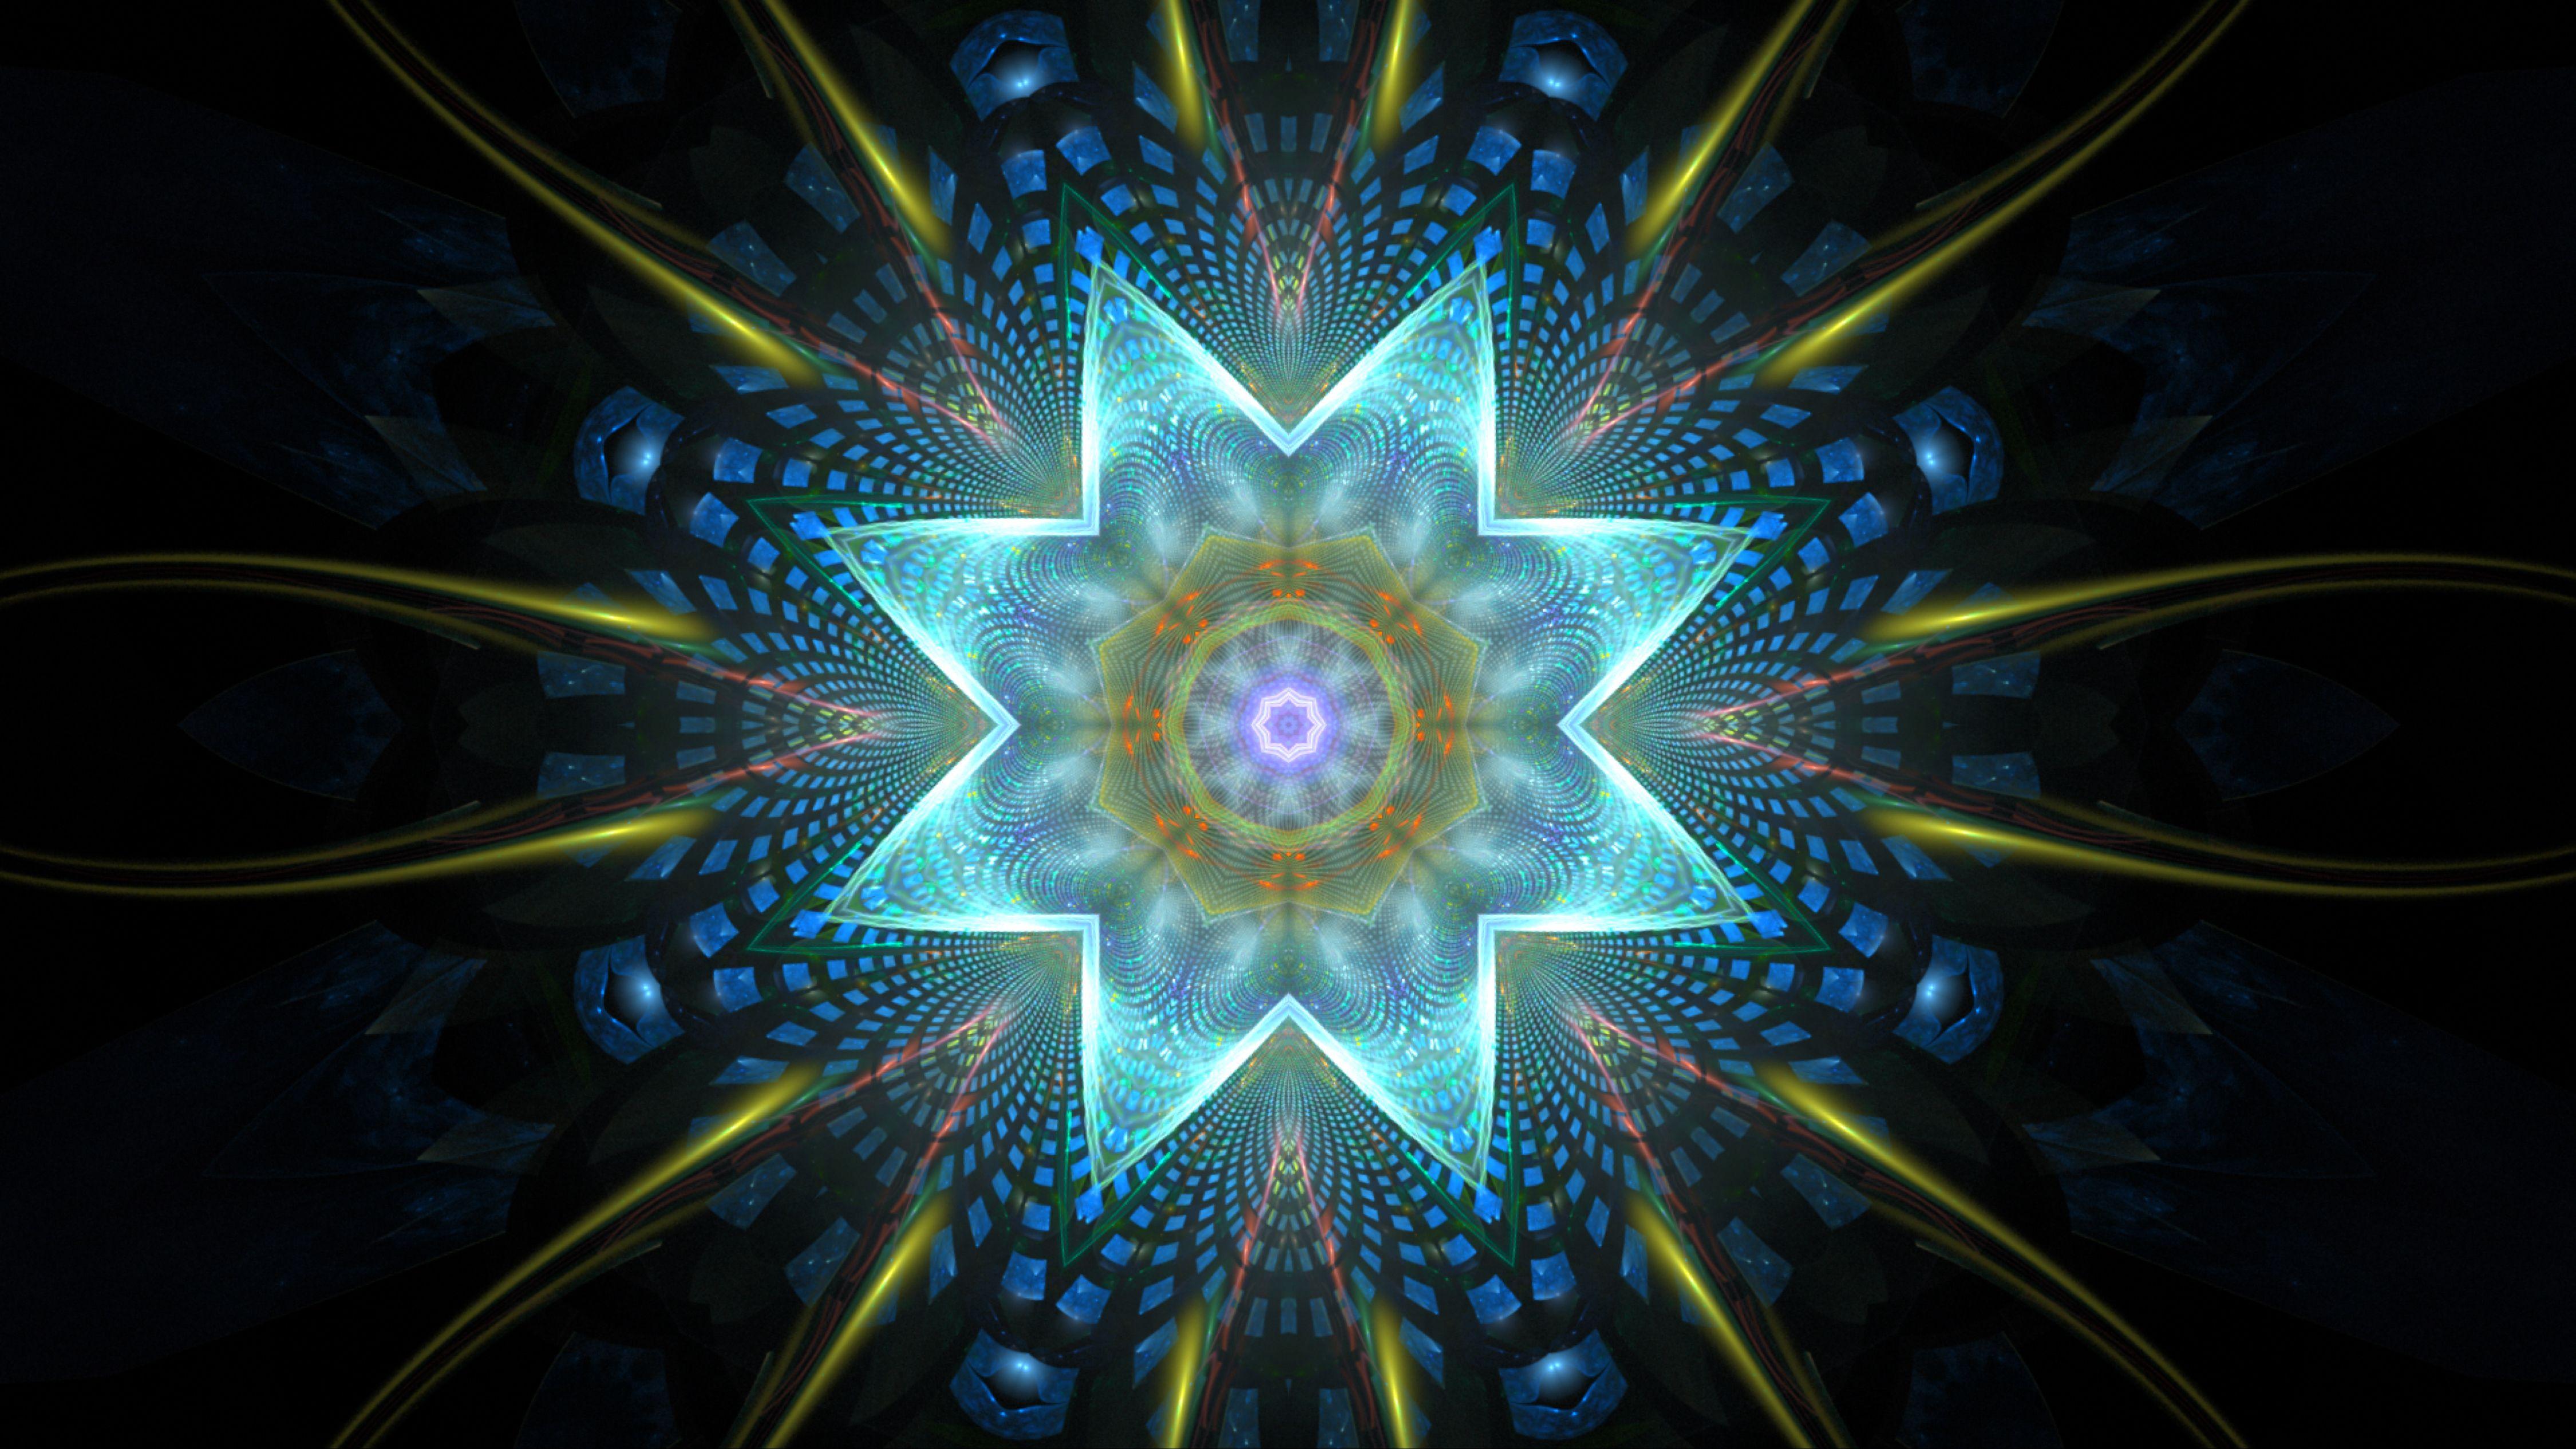 Kaleidoscope Free Hd Wallpaper By Luisbc On Deviantart Kaleidoscope Images Free Hd Wallpapers Fractal Art